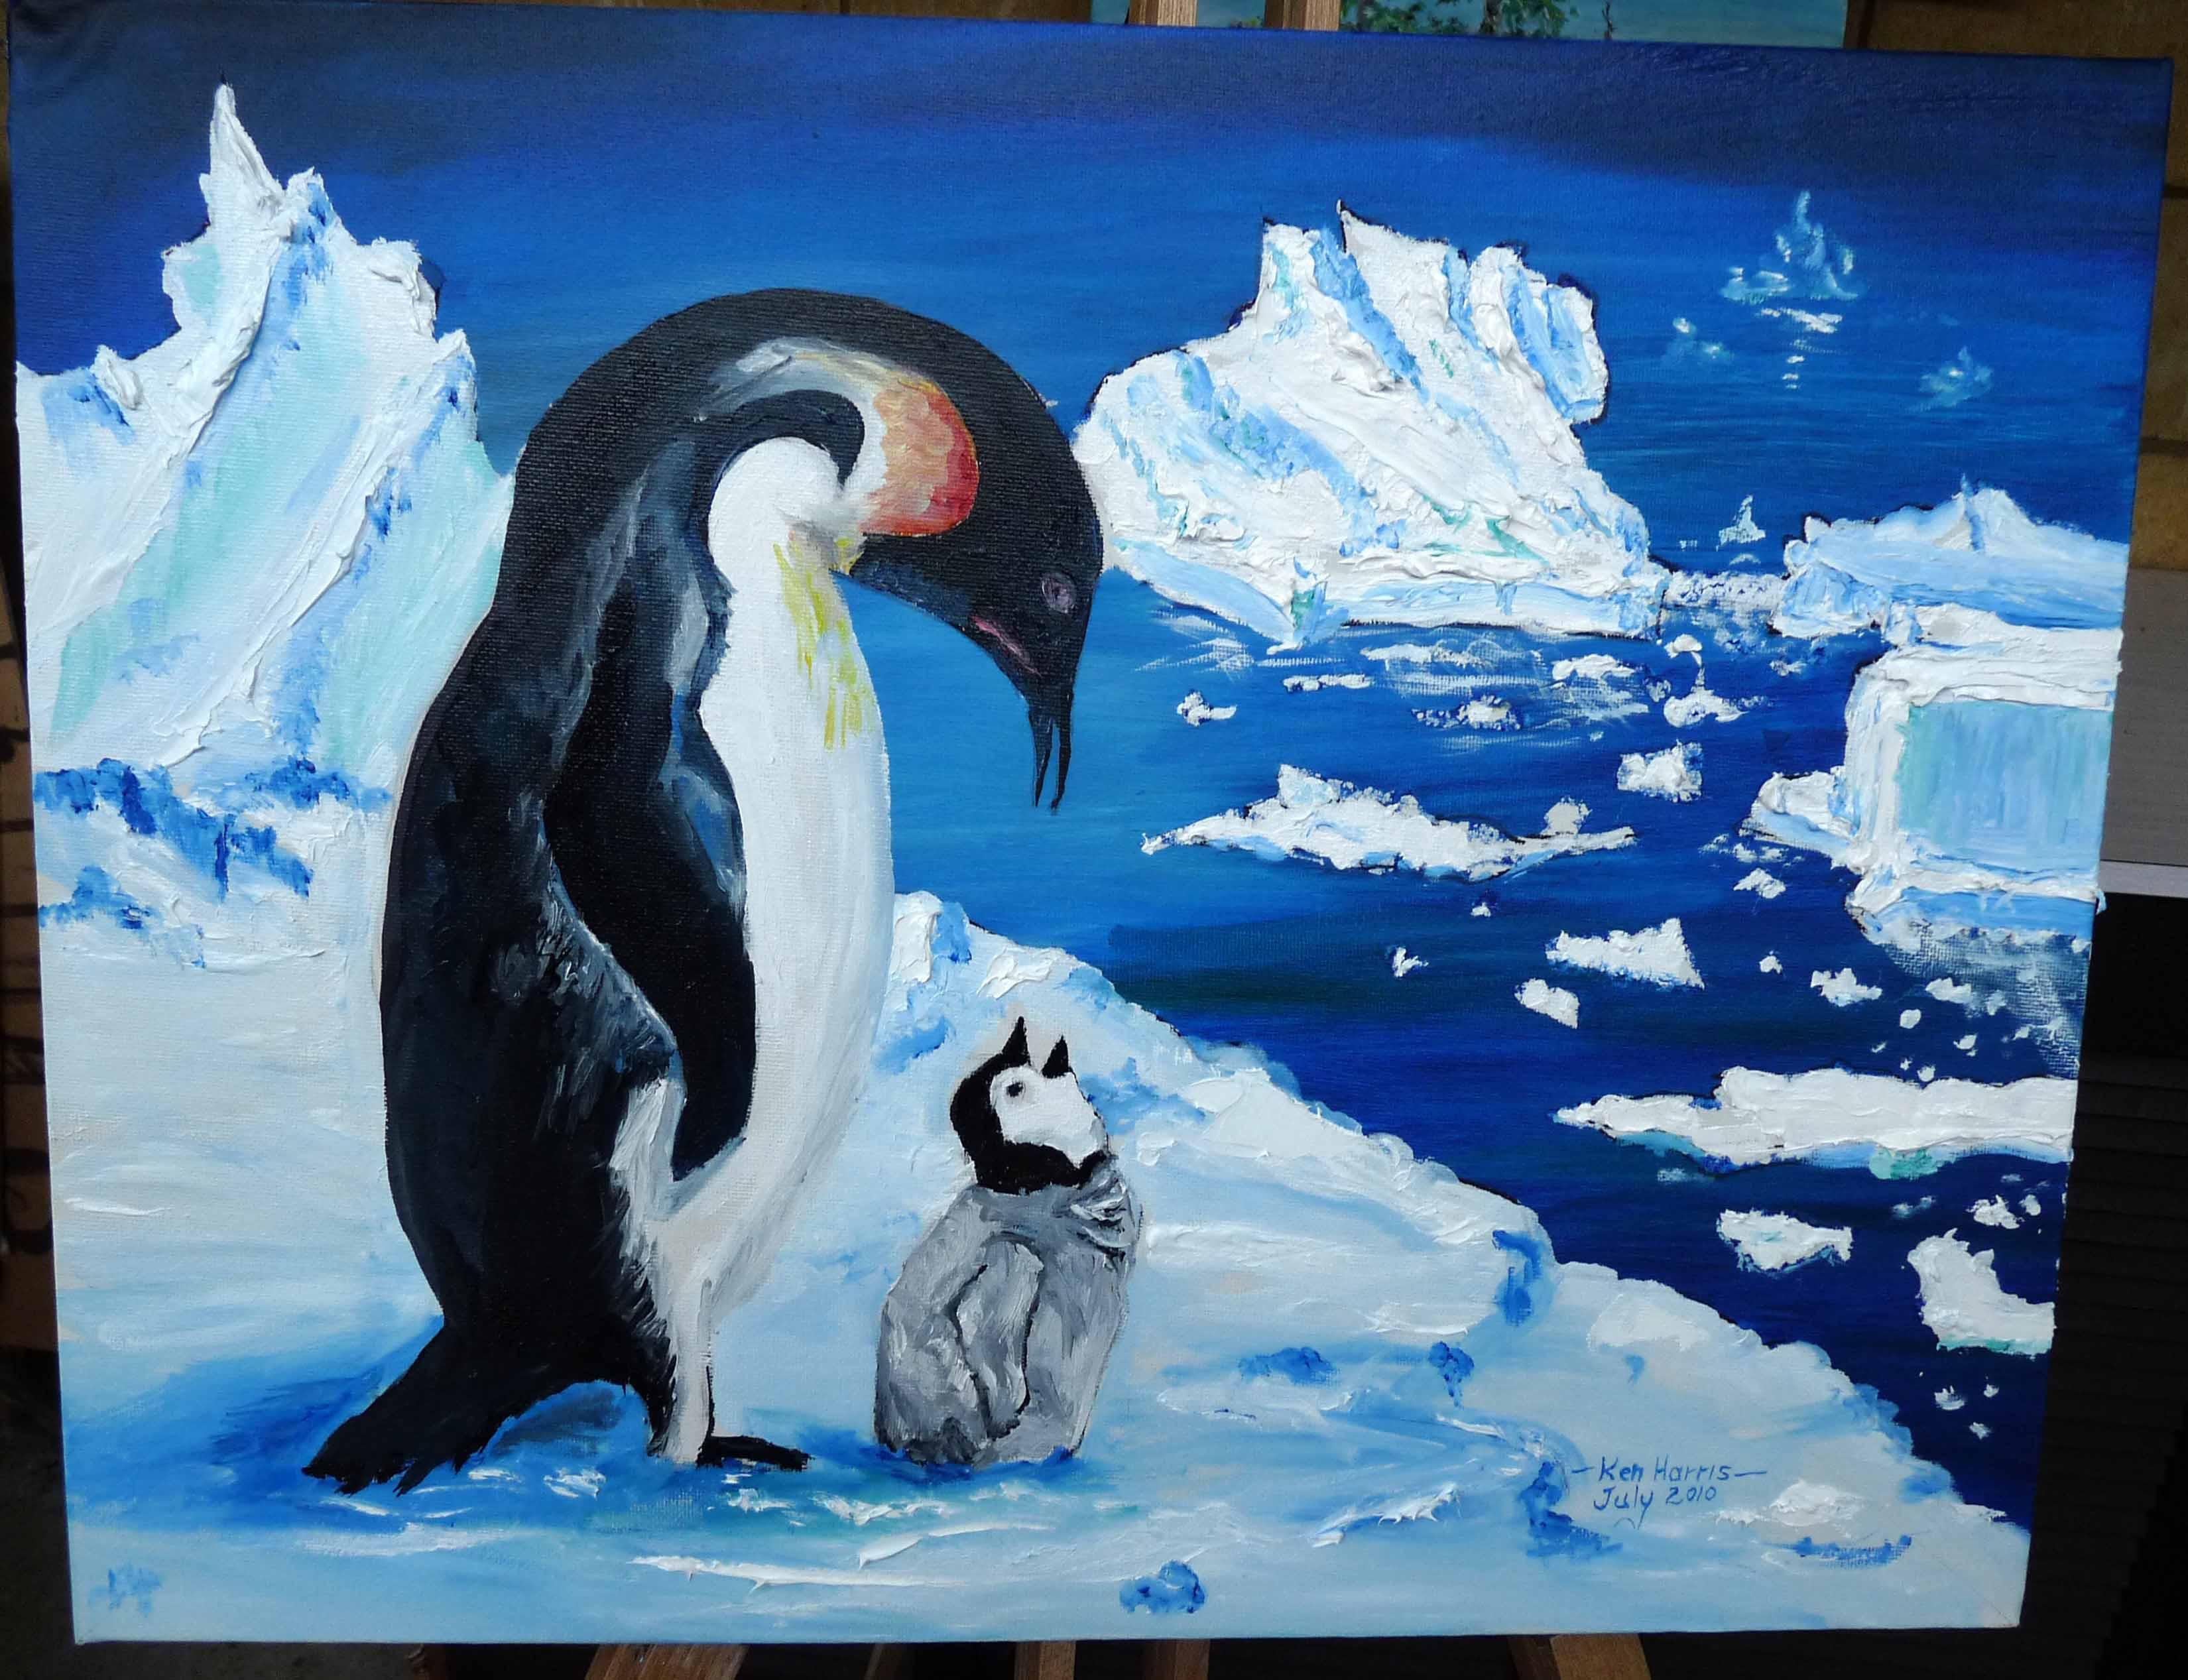 моду пингвины на картинах художников упускают возможности украсить